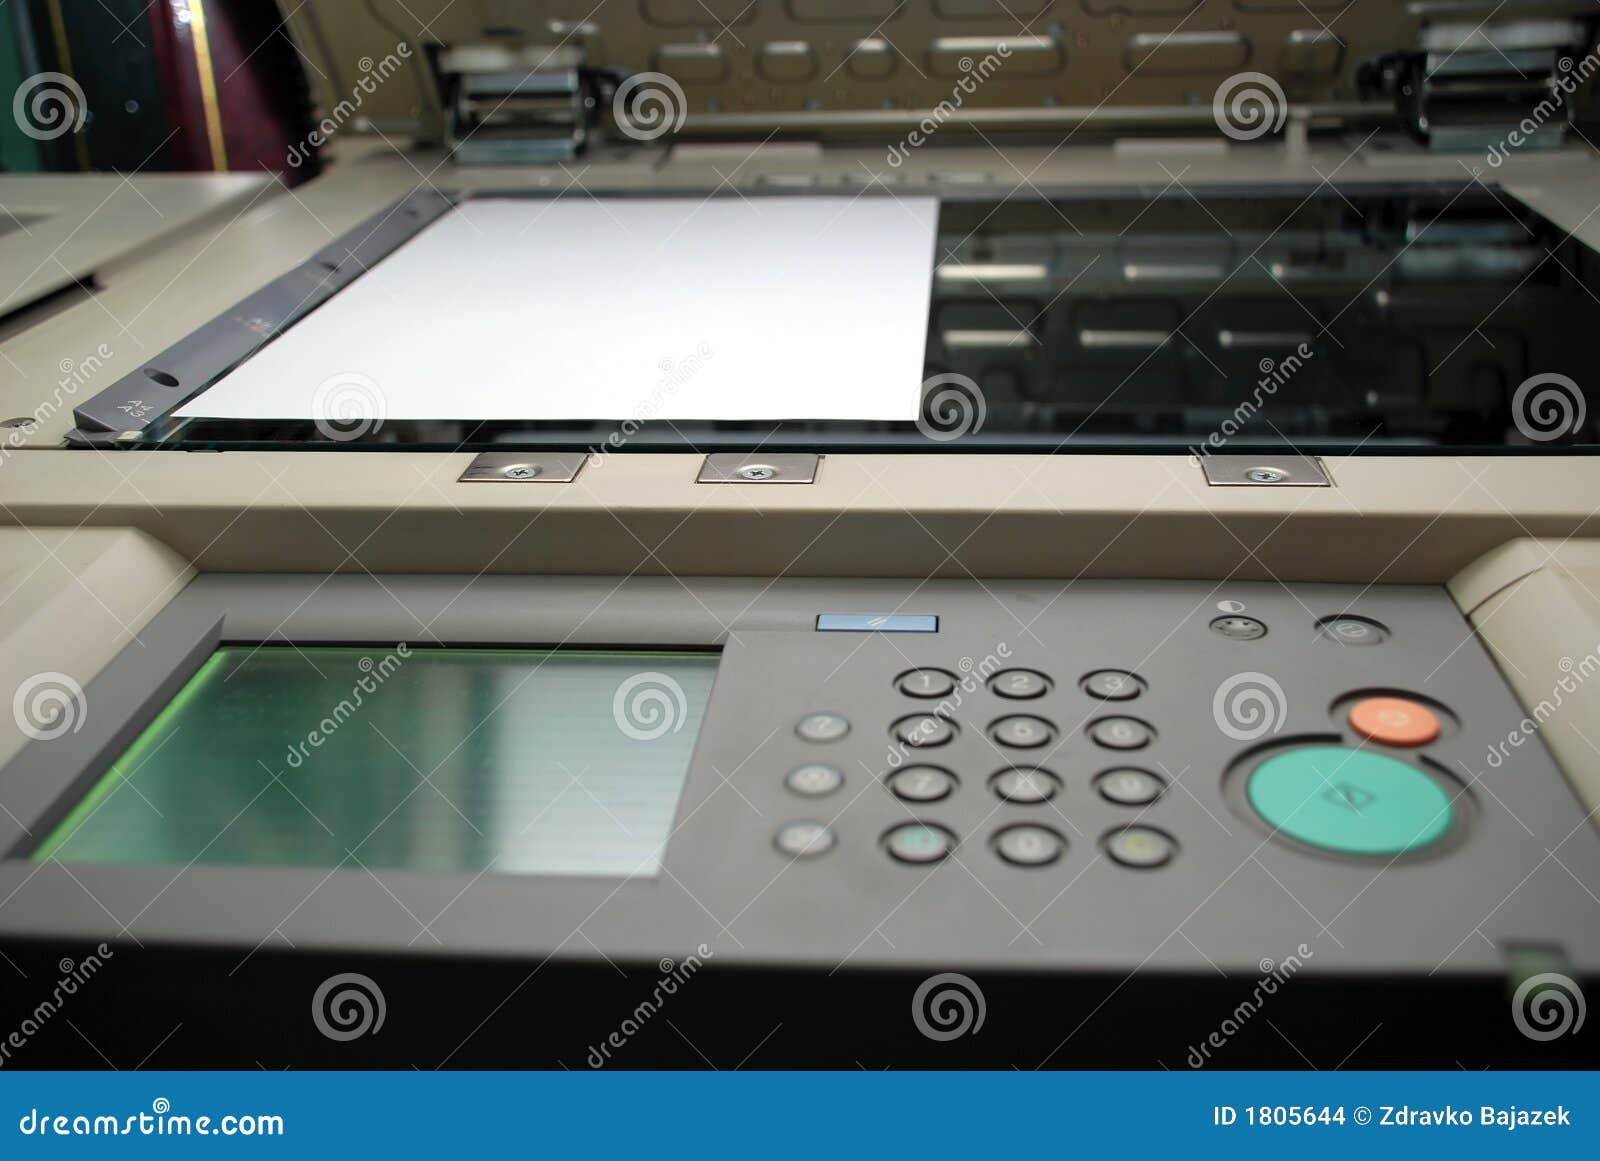 Photocopie machine04